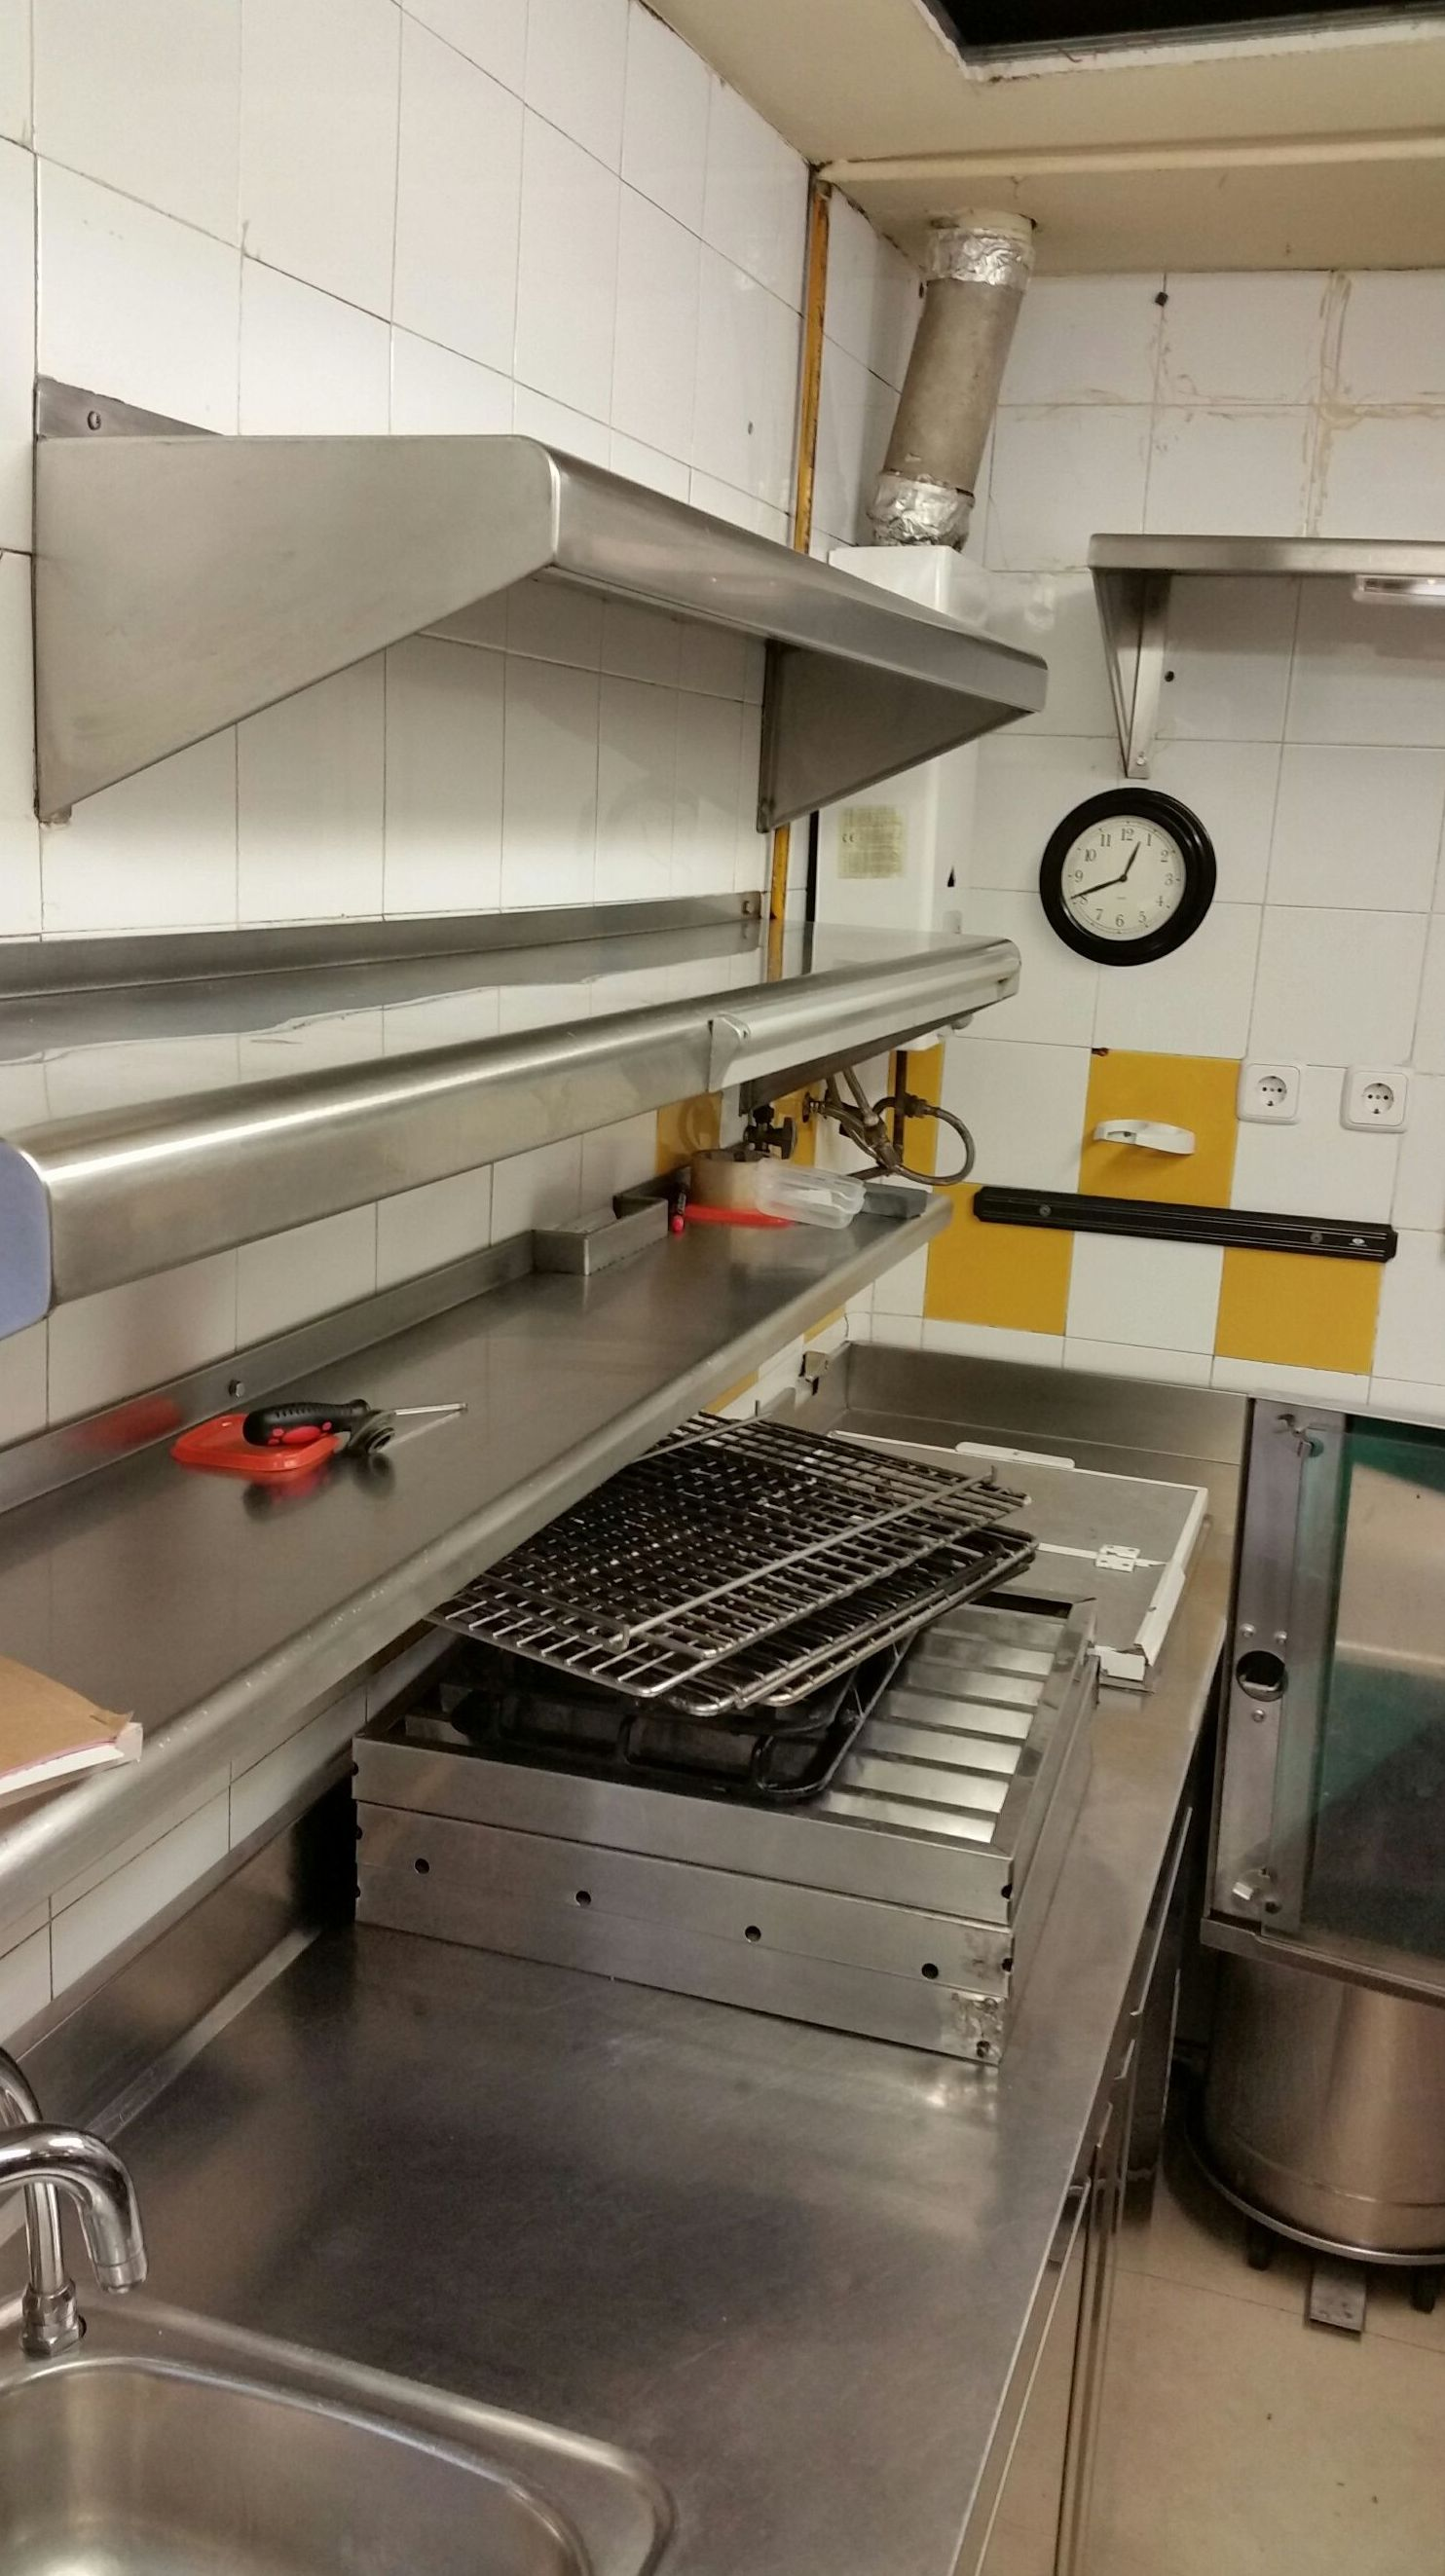 Limpieza de siniestro por incendio en cocina profesional